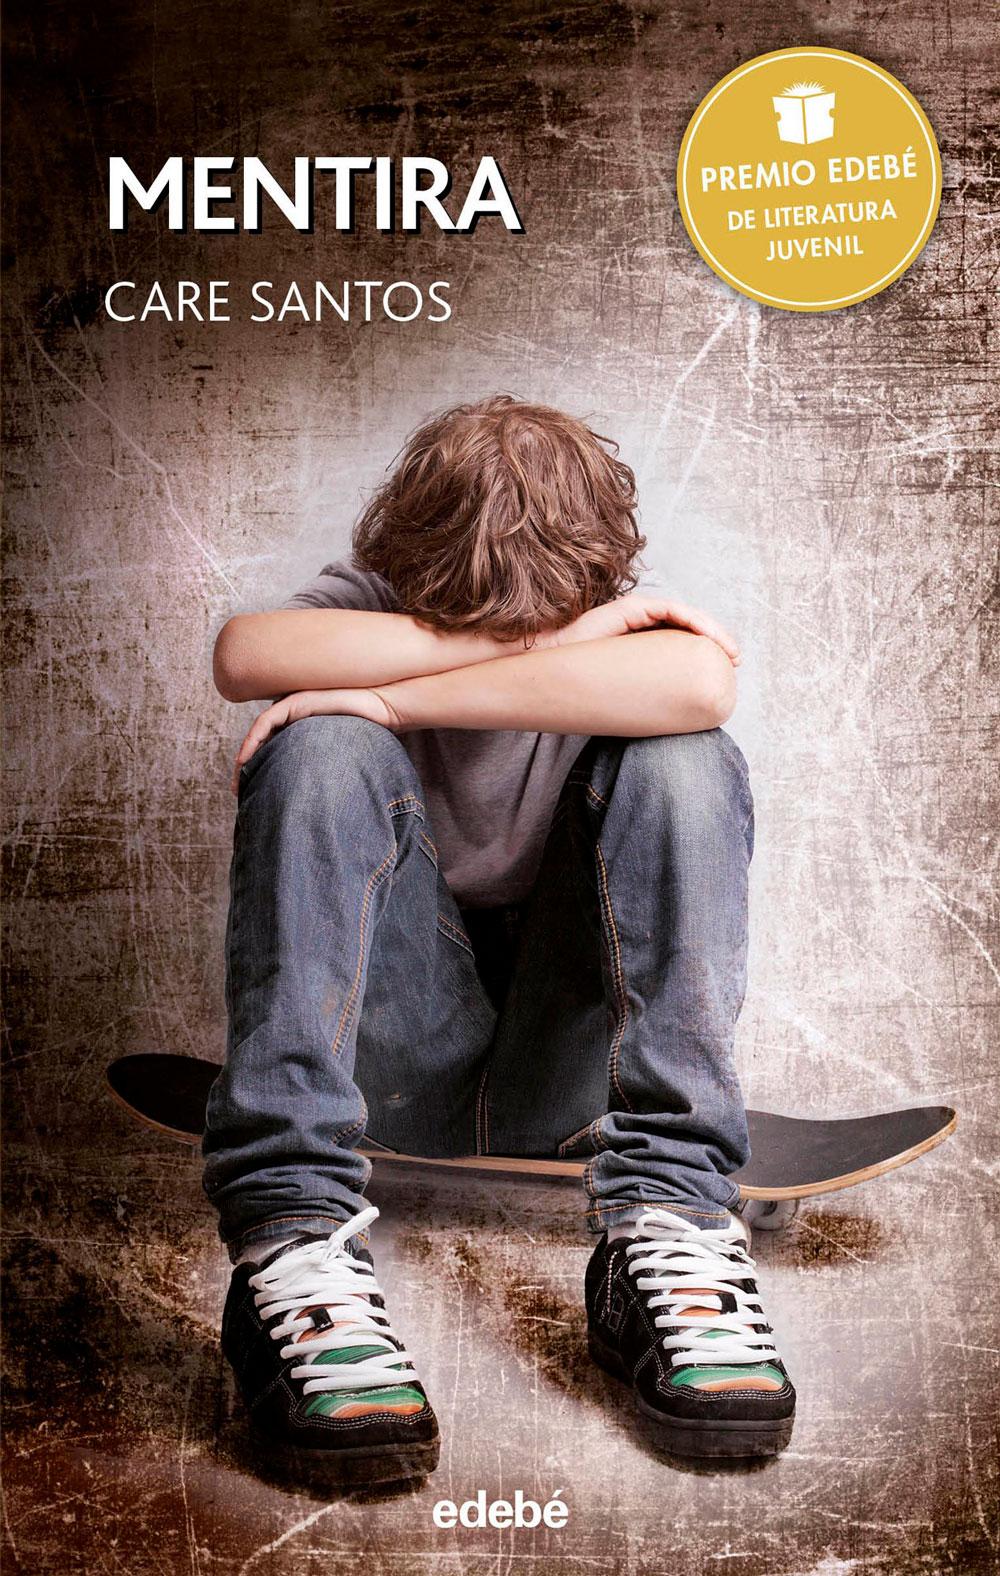 Libro Mentira, de Care Santos